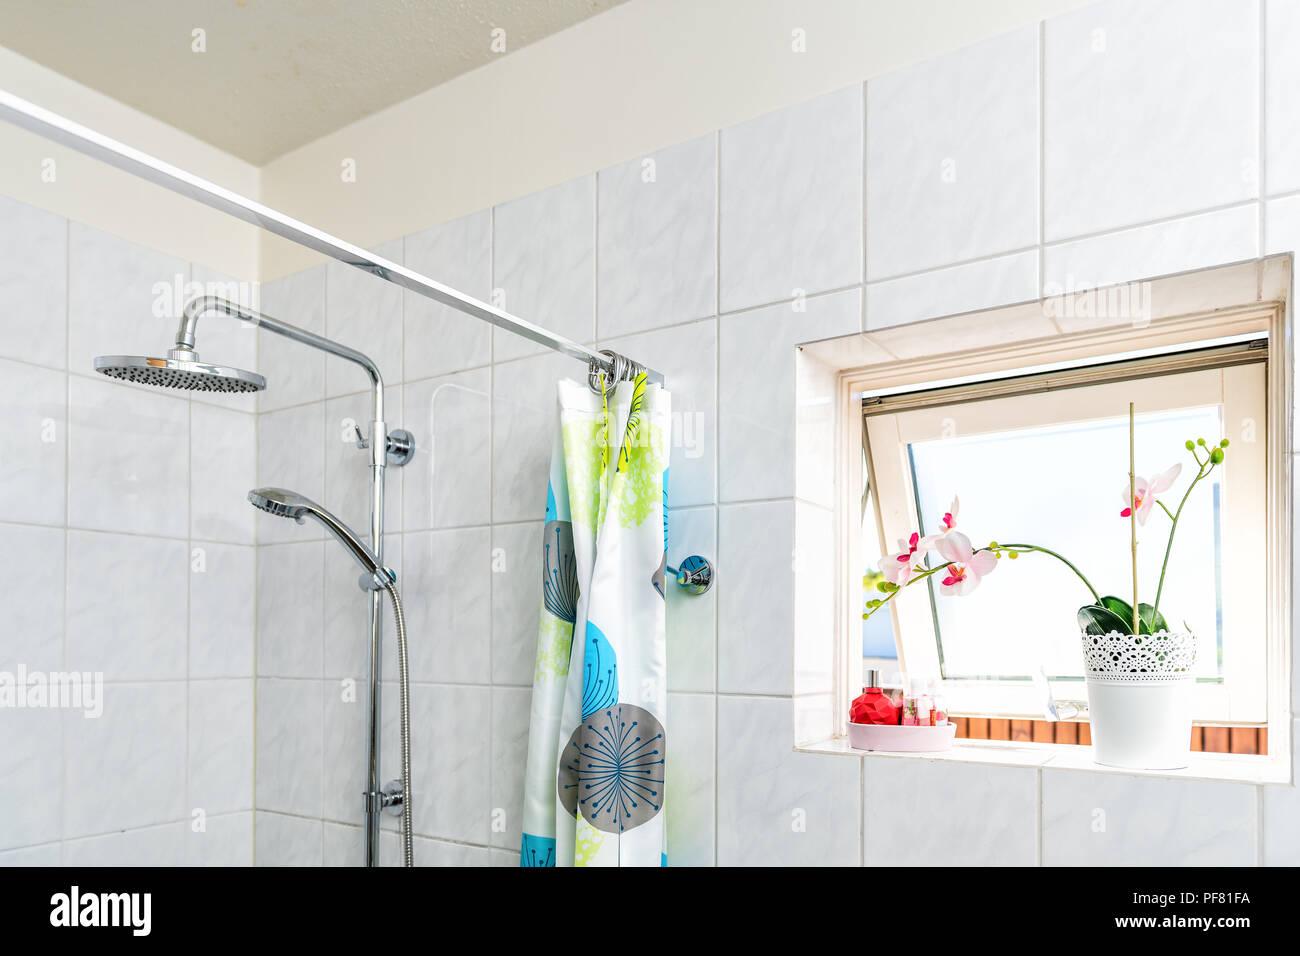 Vorhang Badezimmer Badezimmer Fliesen Avec Hnge Wc Kleines Bad Schne Bad Vorhang Affordable Dir